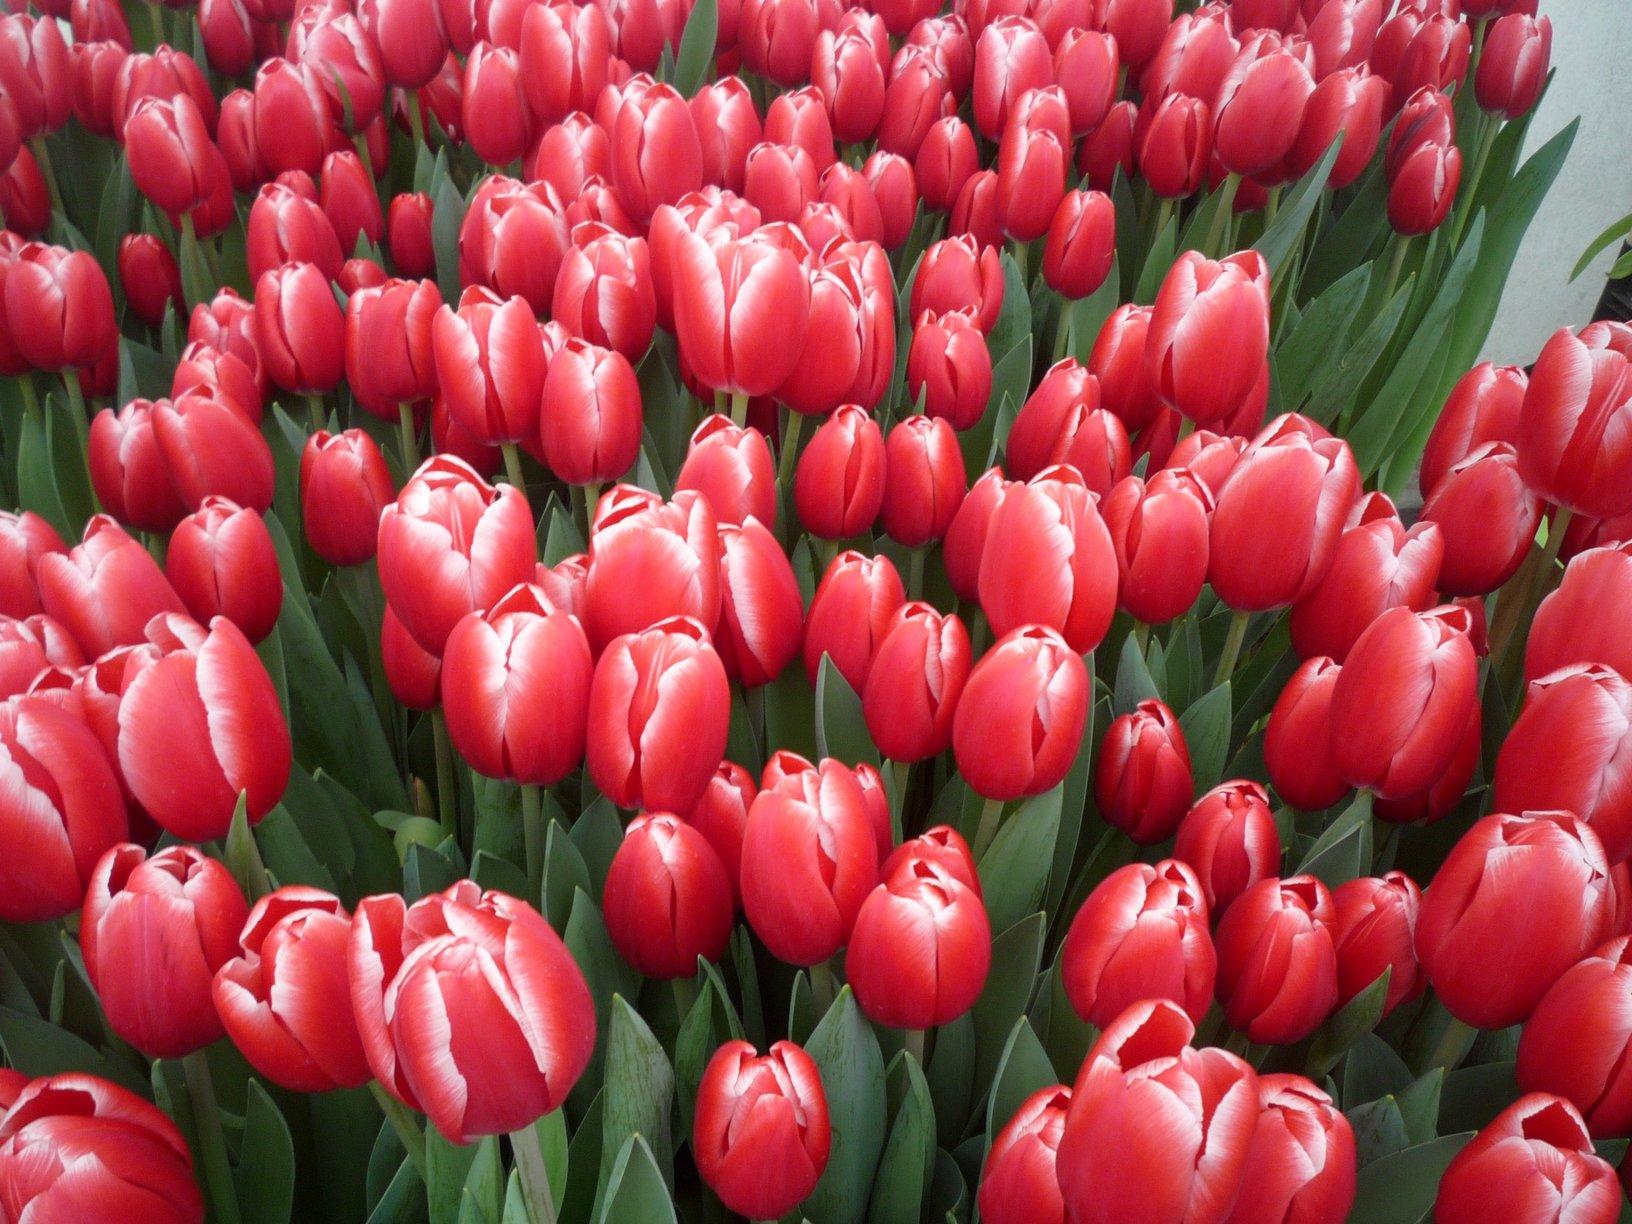 Красные тюльпаны. Блиц: красные цветы